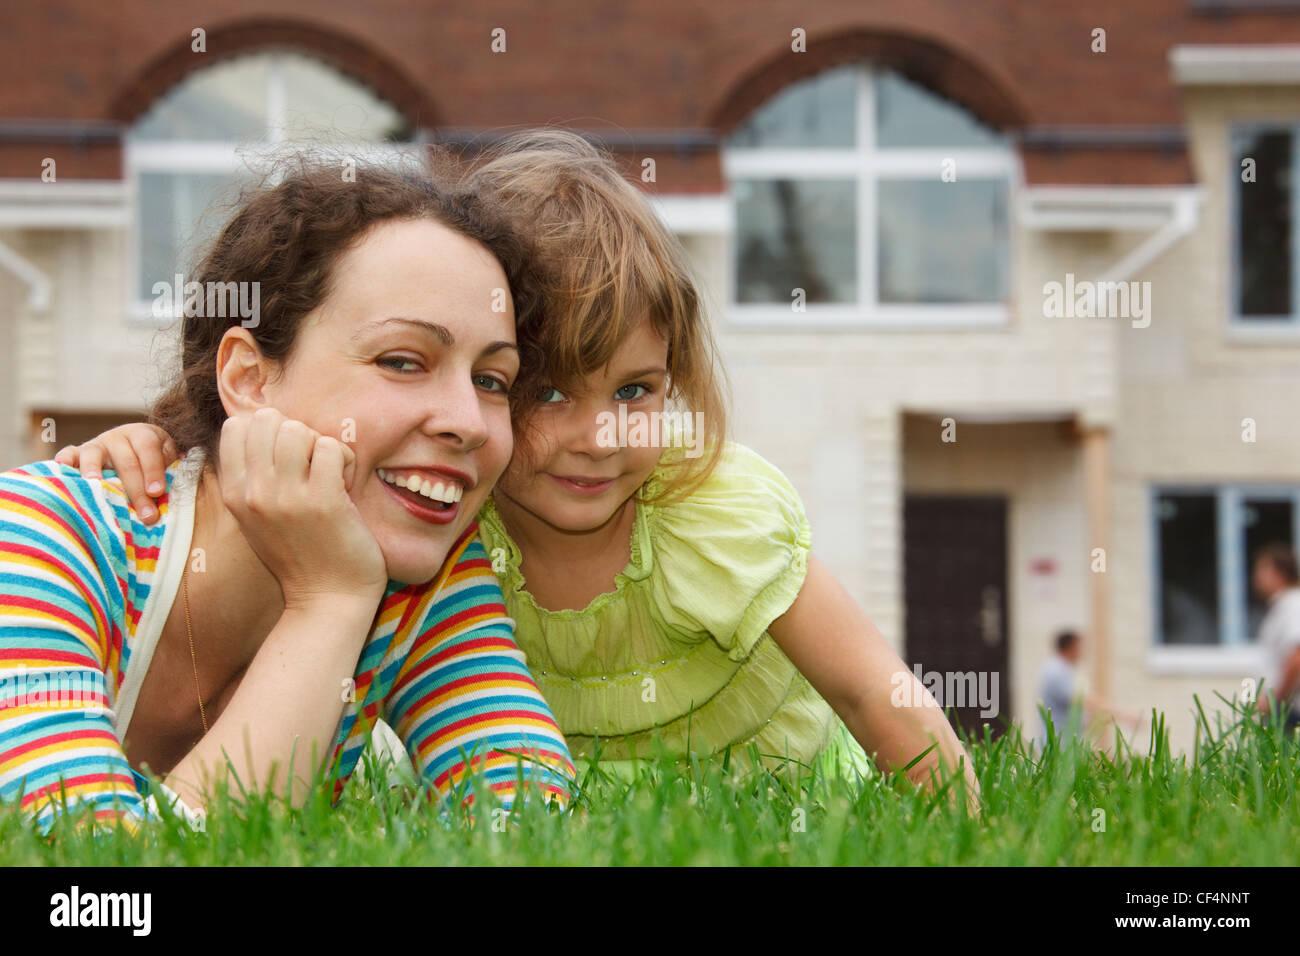 Mutter und Tochter auf Rasen vor neues Zuhause liegen. Sie Lächeln und schauen in die Kamera. Stockbild